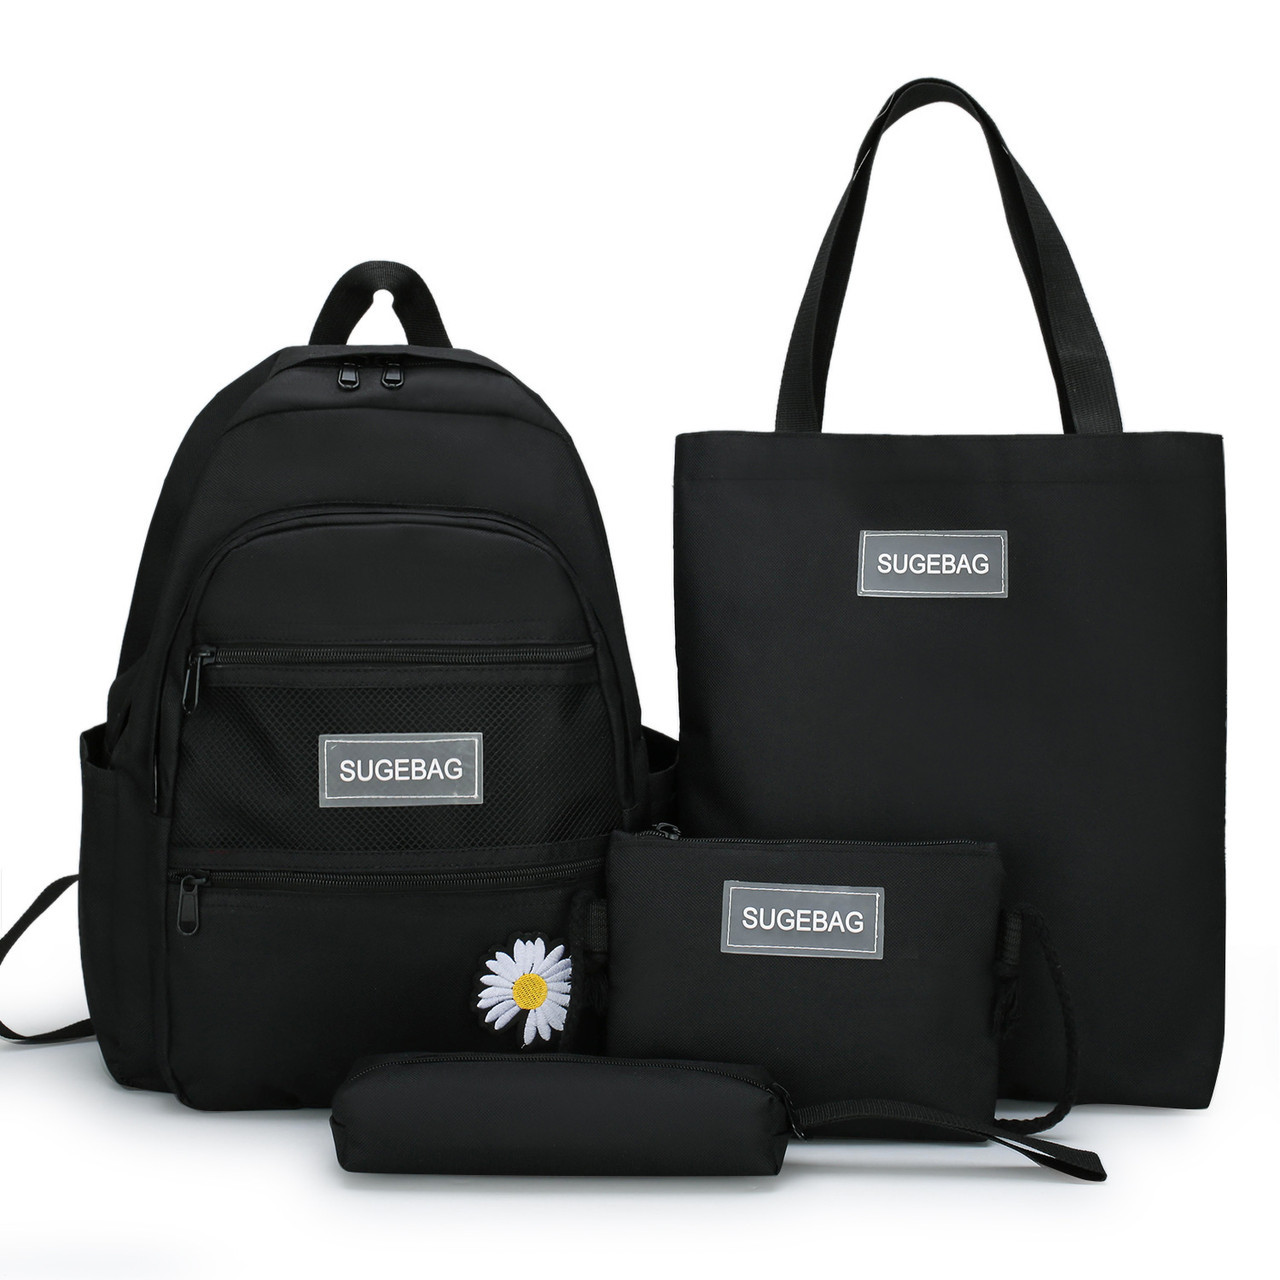 Школьный рюкзак комплект 4 в 1 пенал шоппер косметичка черный красный зеленый для школы ранец портфель